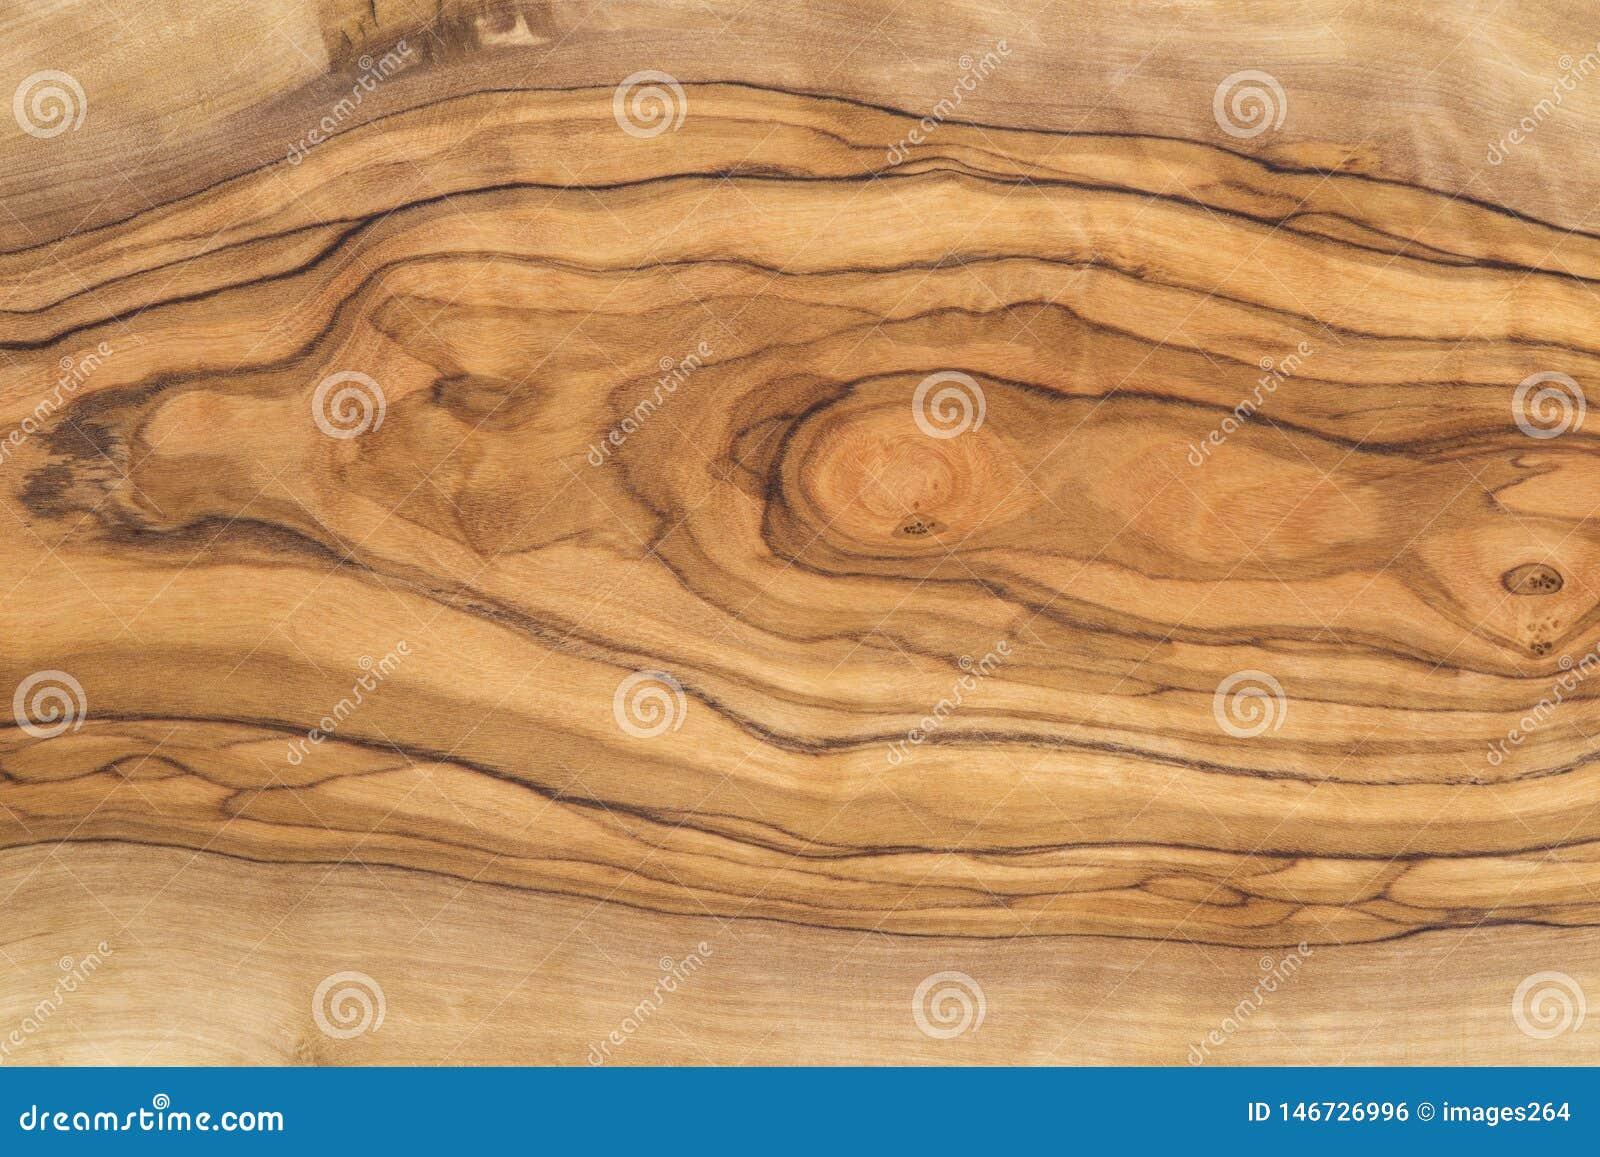 Textura de madera verde oliva